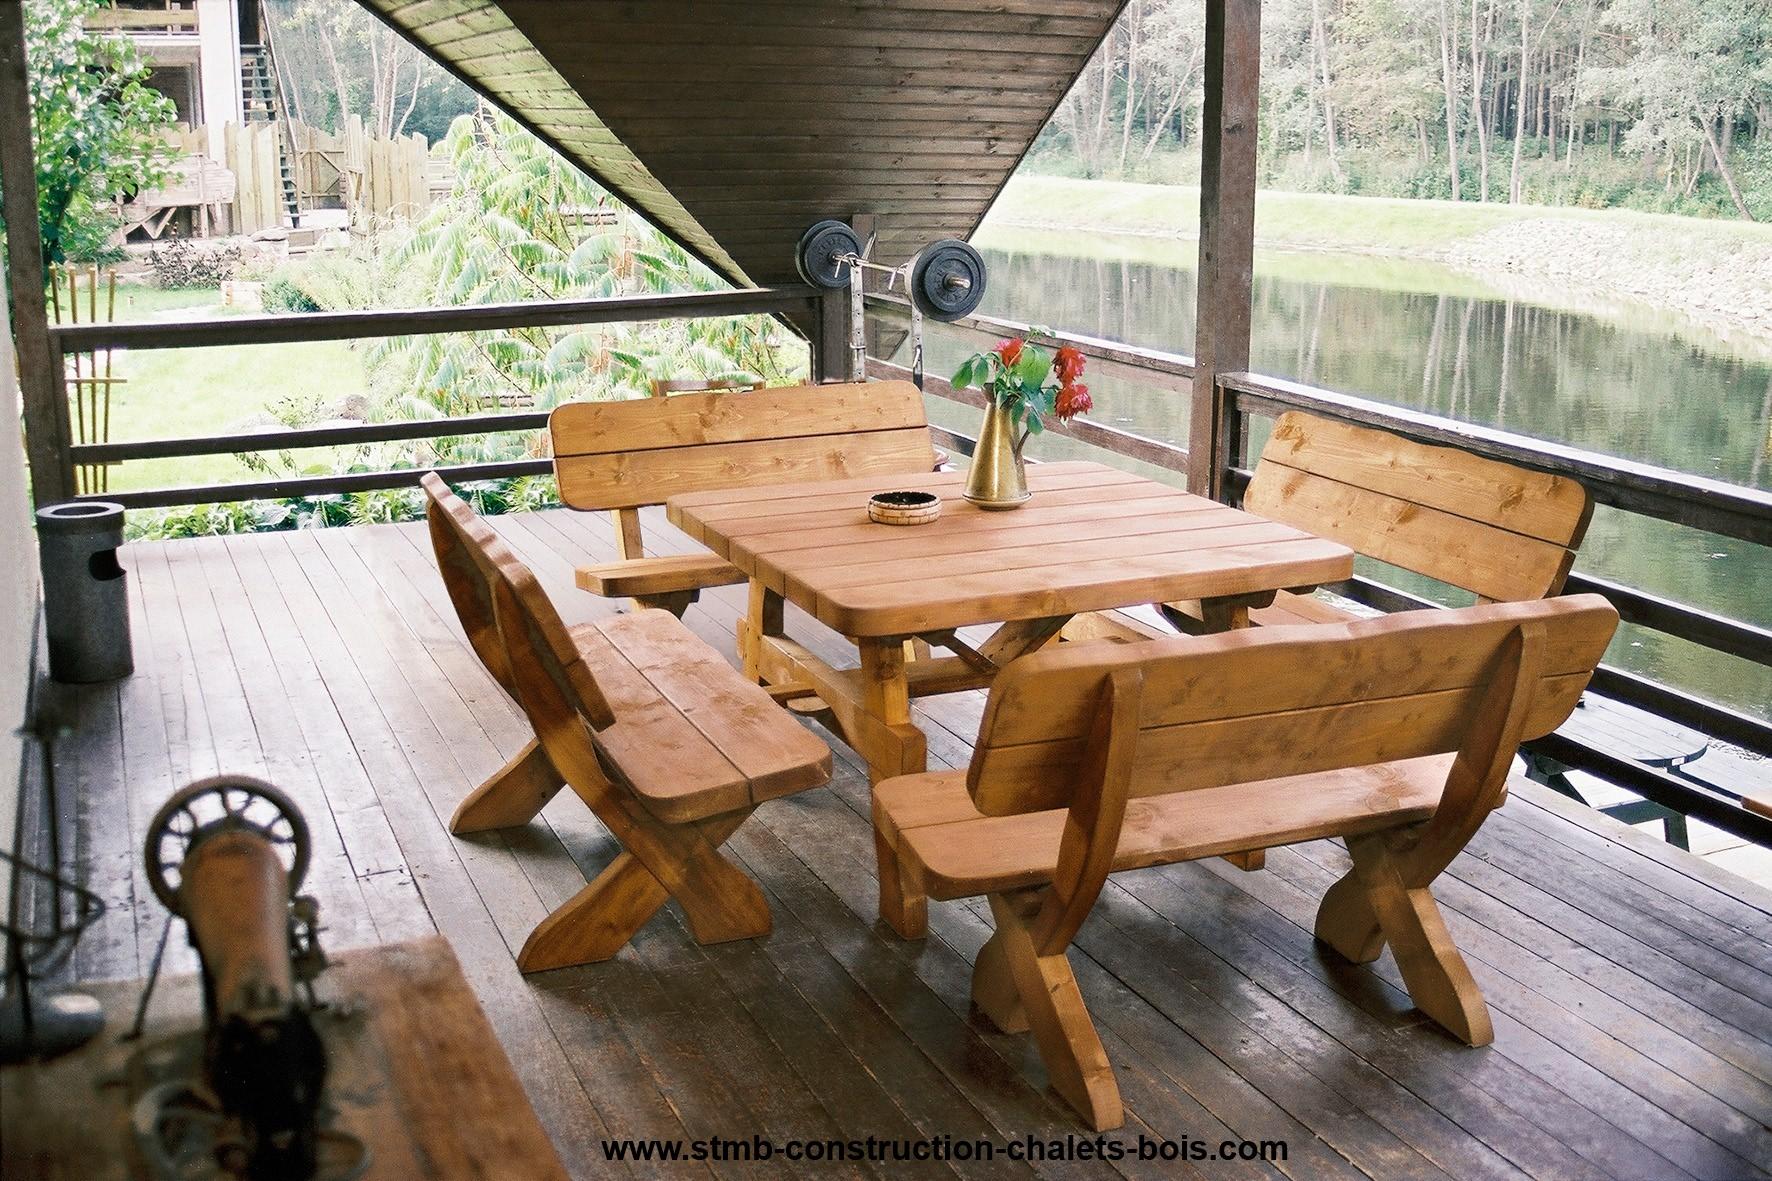 Salons de jardin en bois salon ext rieur en bois ensemble table chaise de jardin Traitement table de jardin en bois